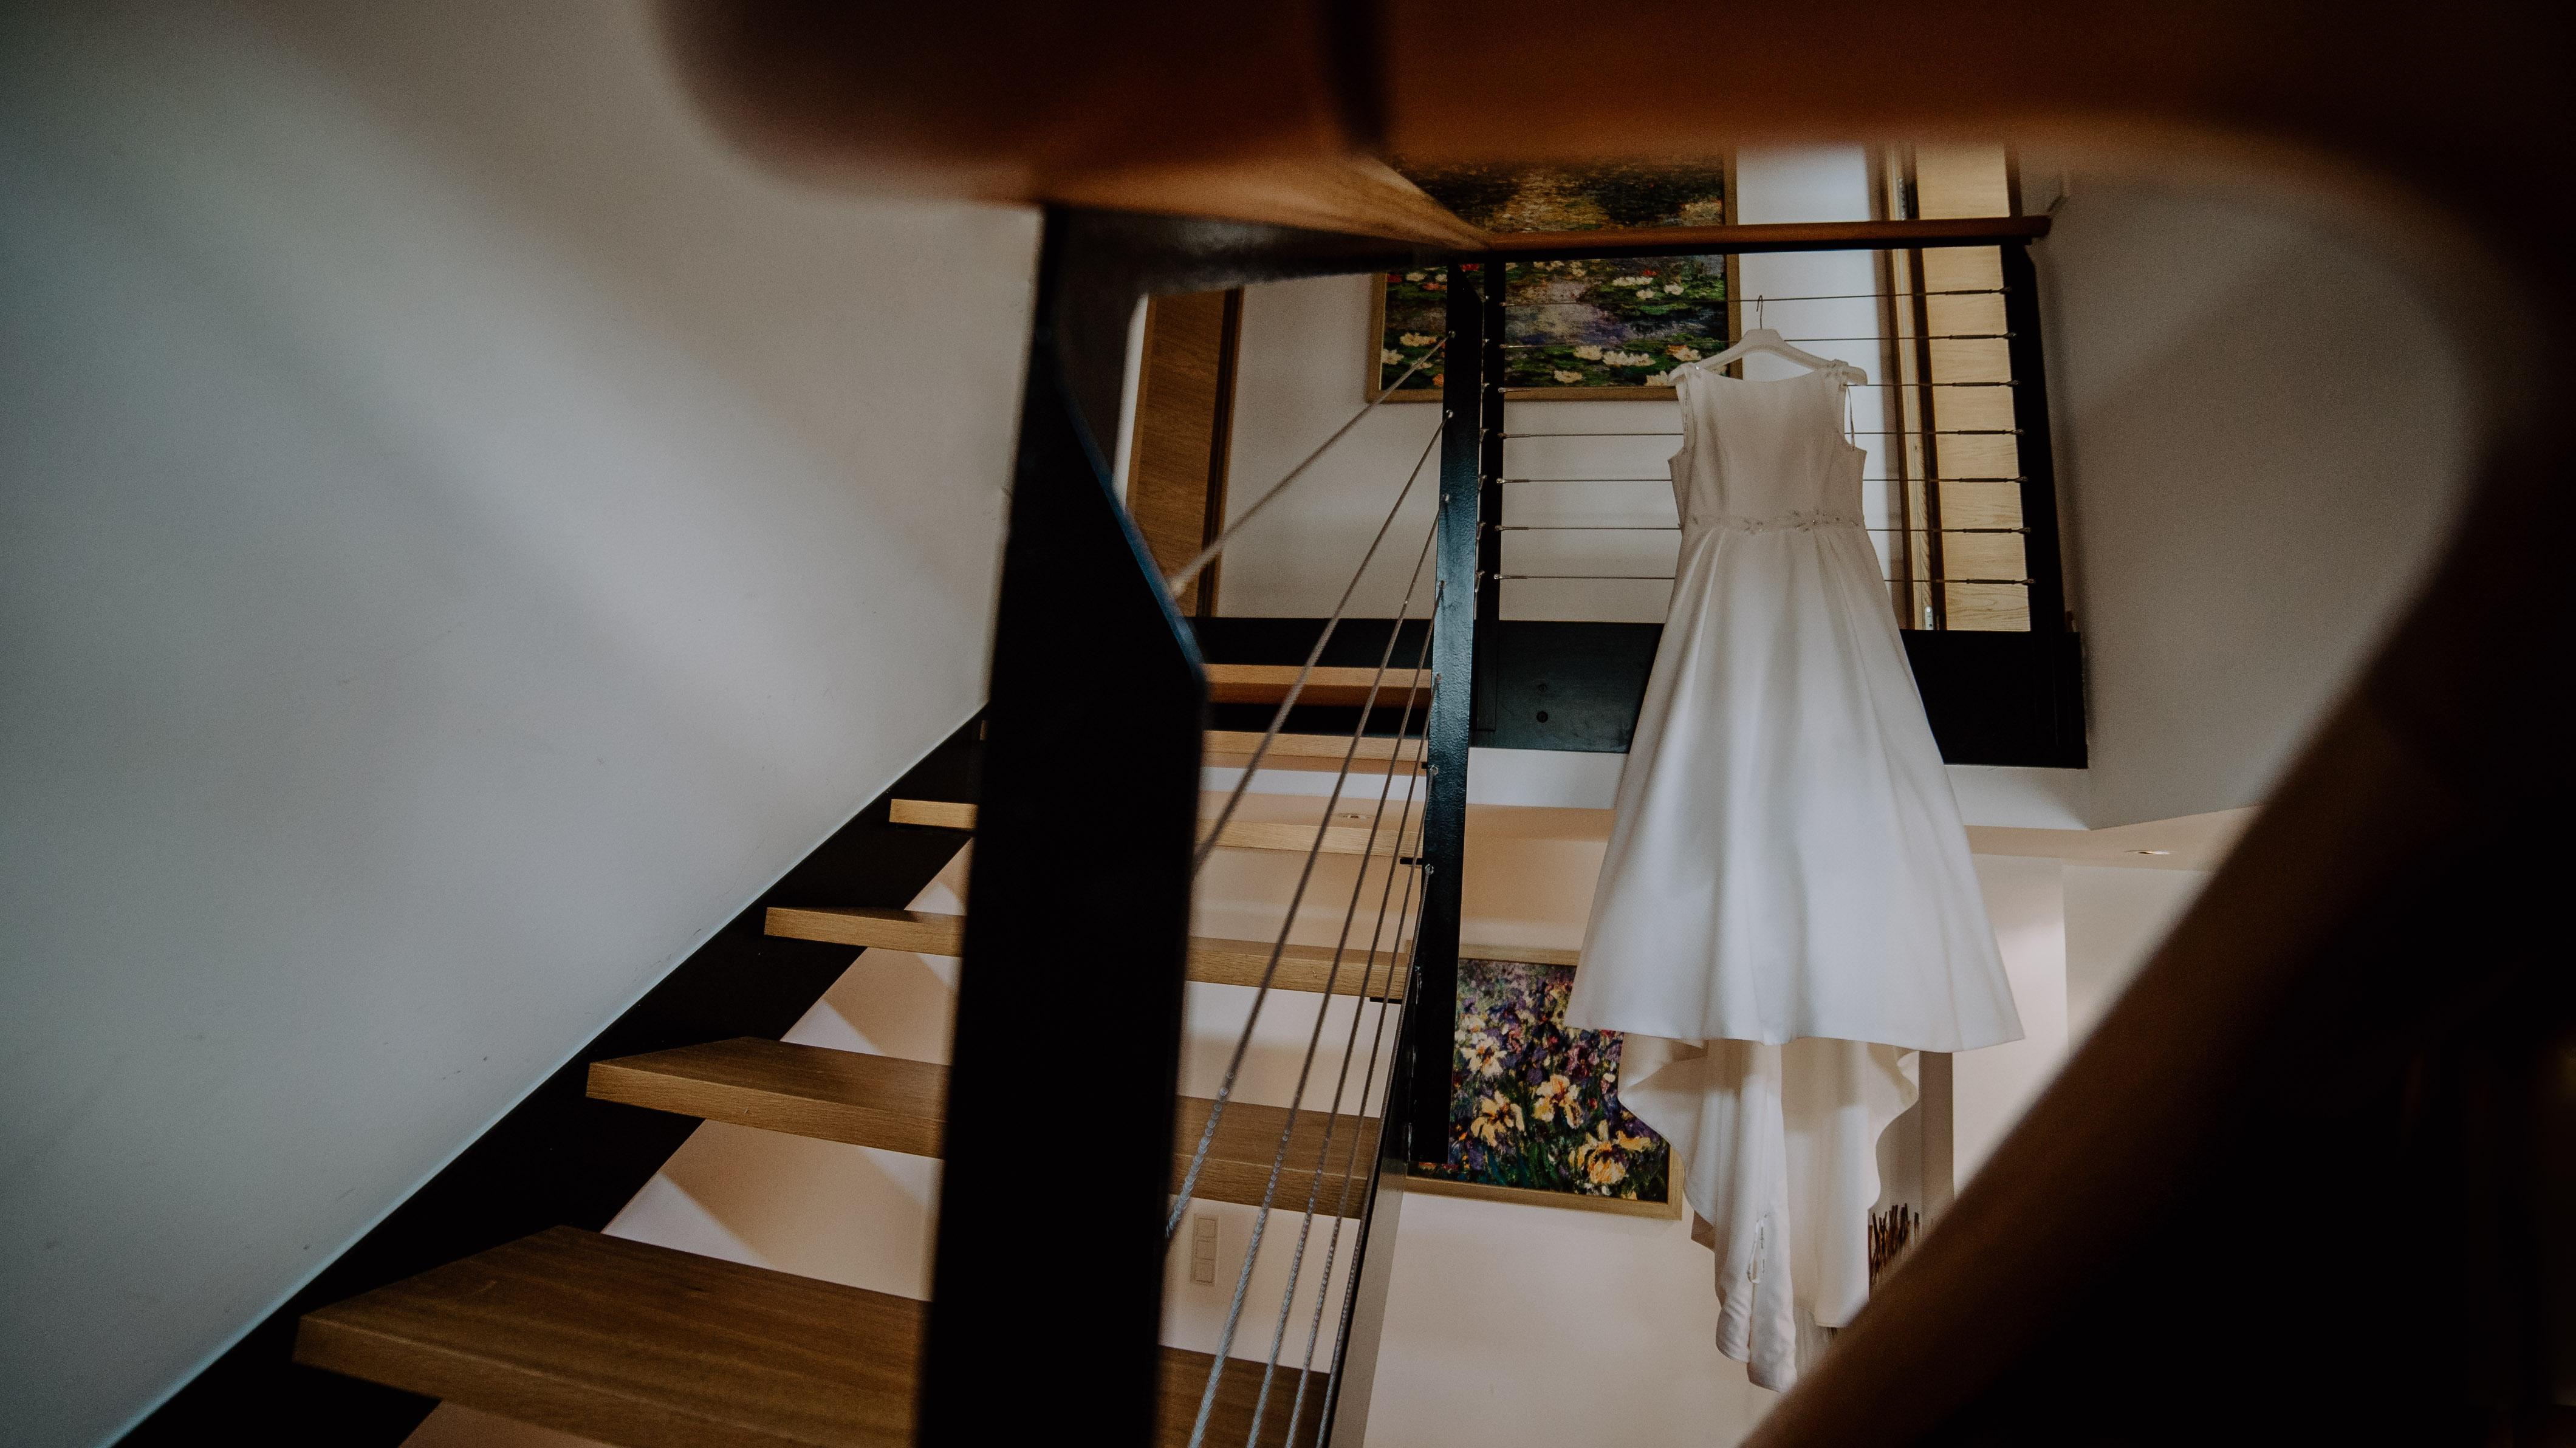 Brautkleid hängt aus in einem Hotel Hochzeit Kamerakinder Weddings